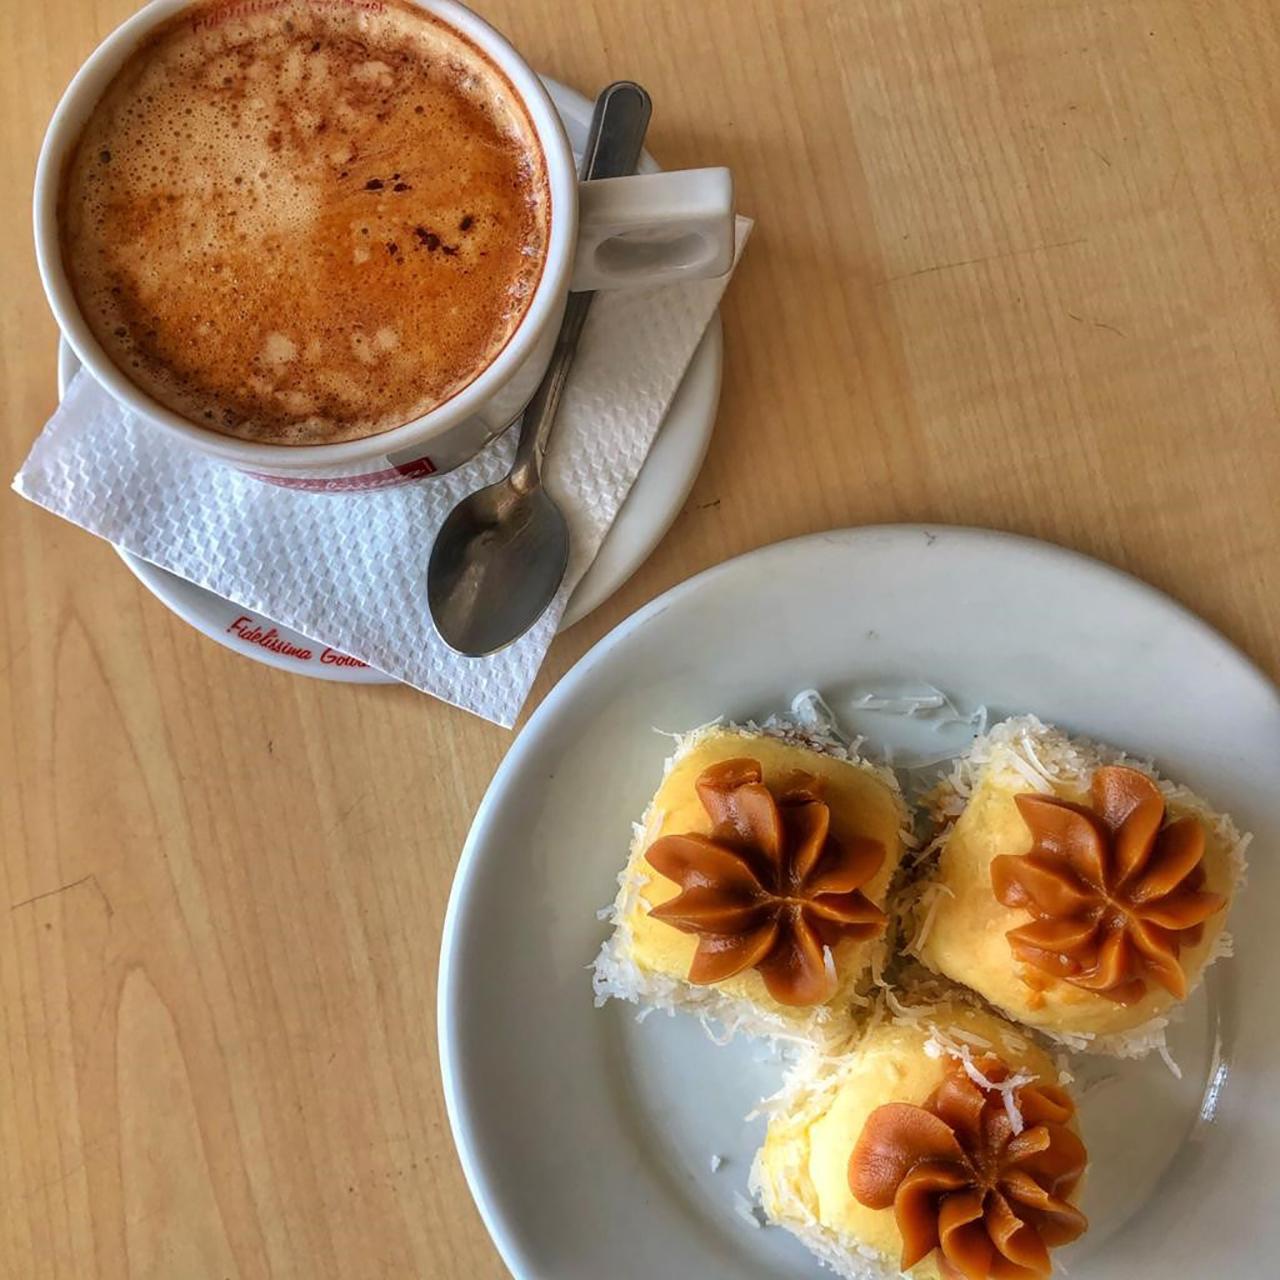 cafe-conceito-padaria-brasil-taubate